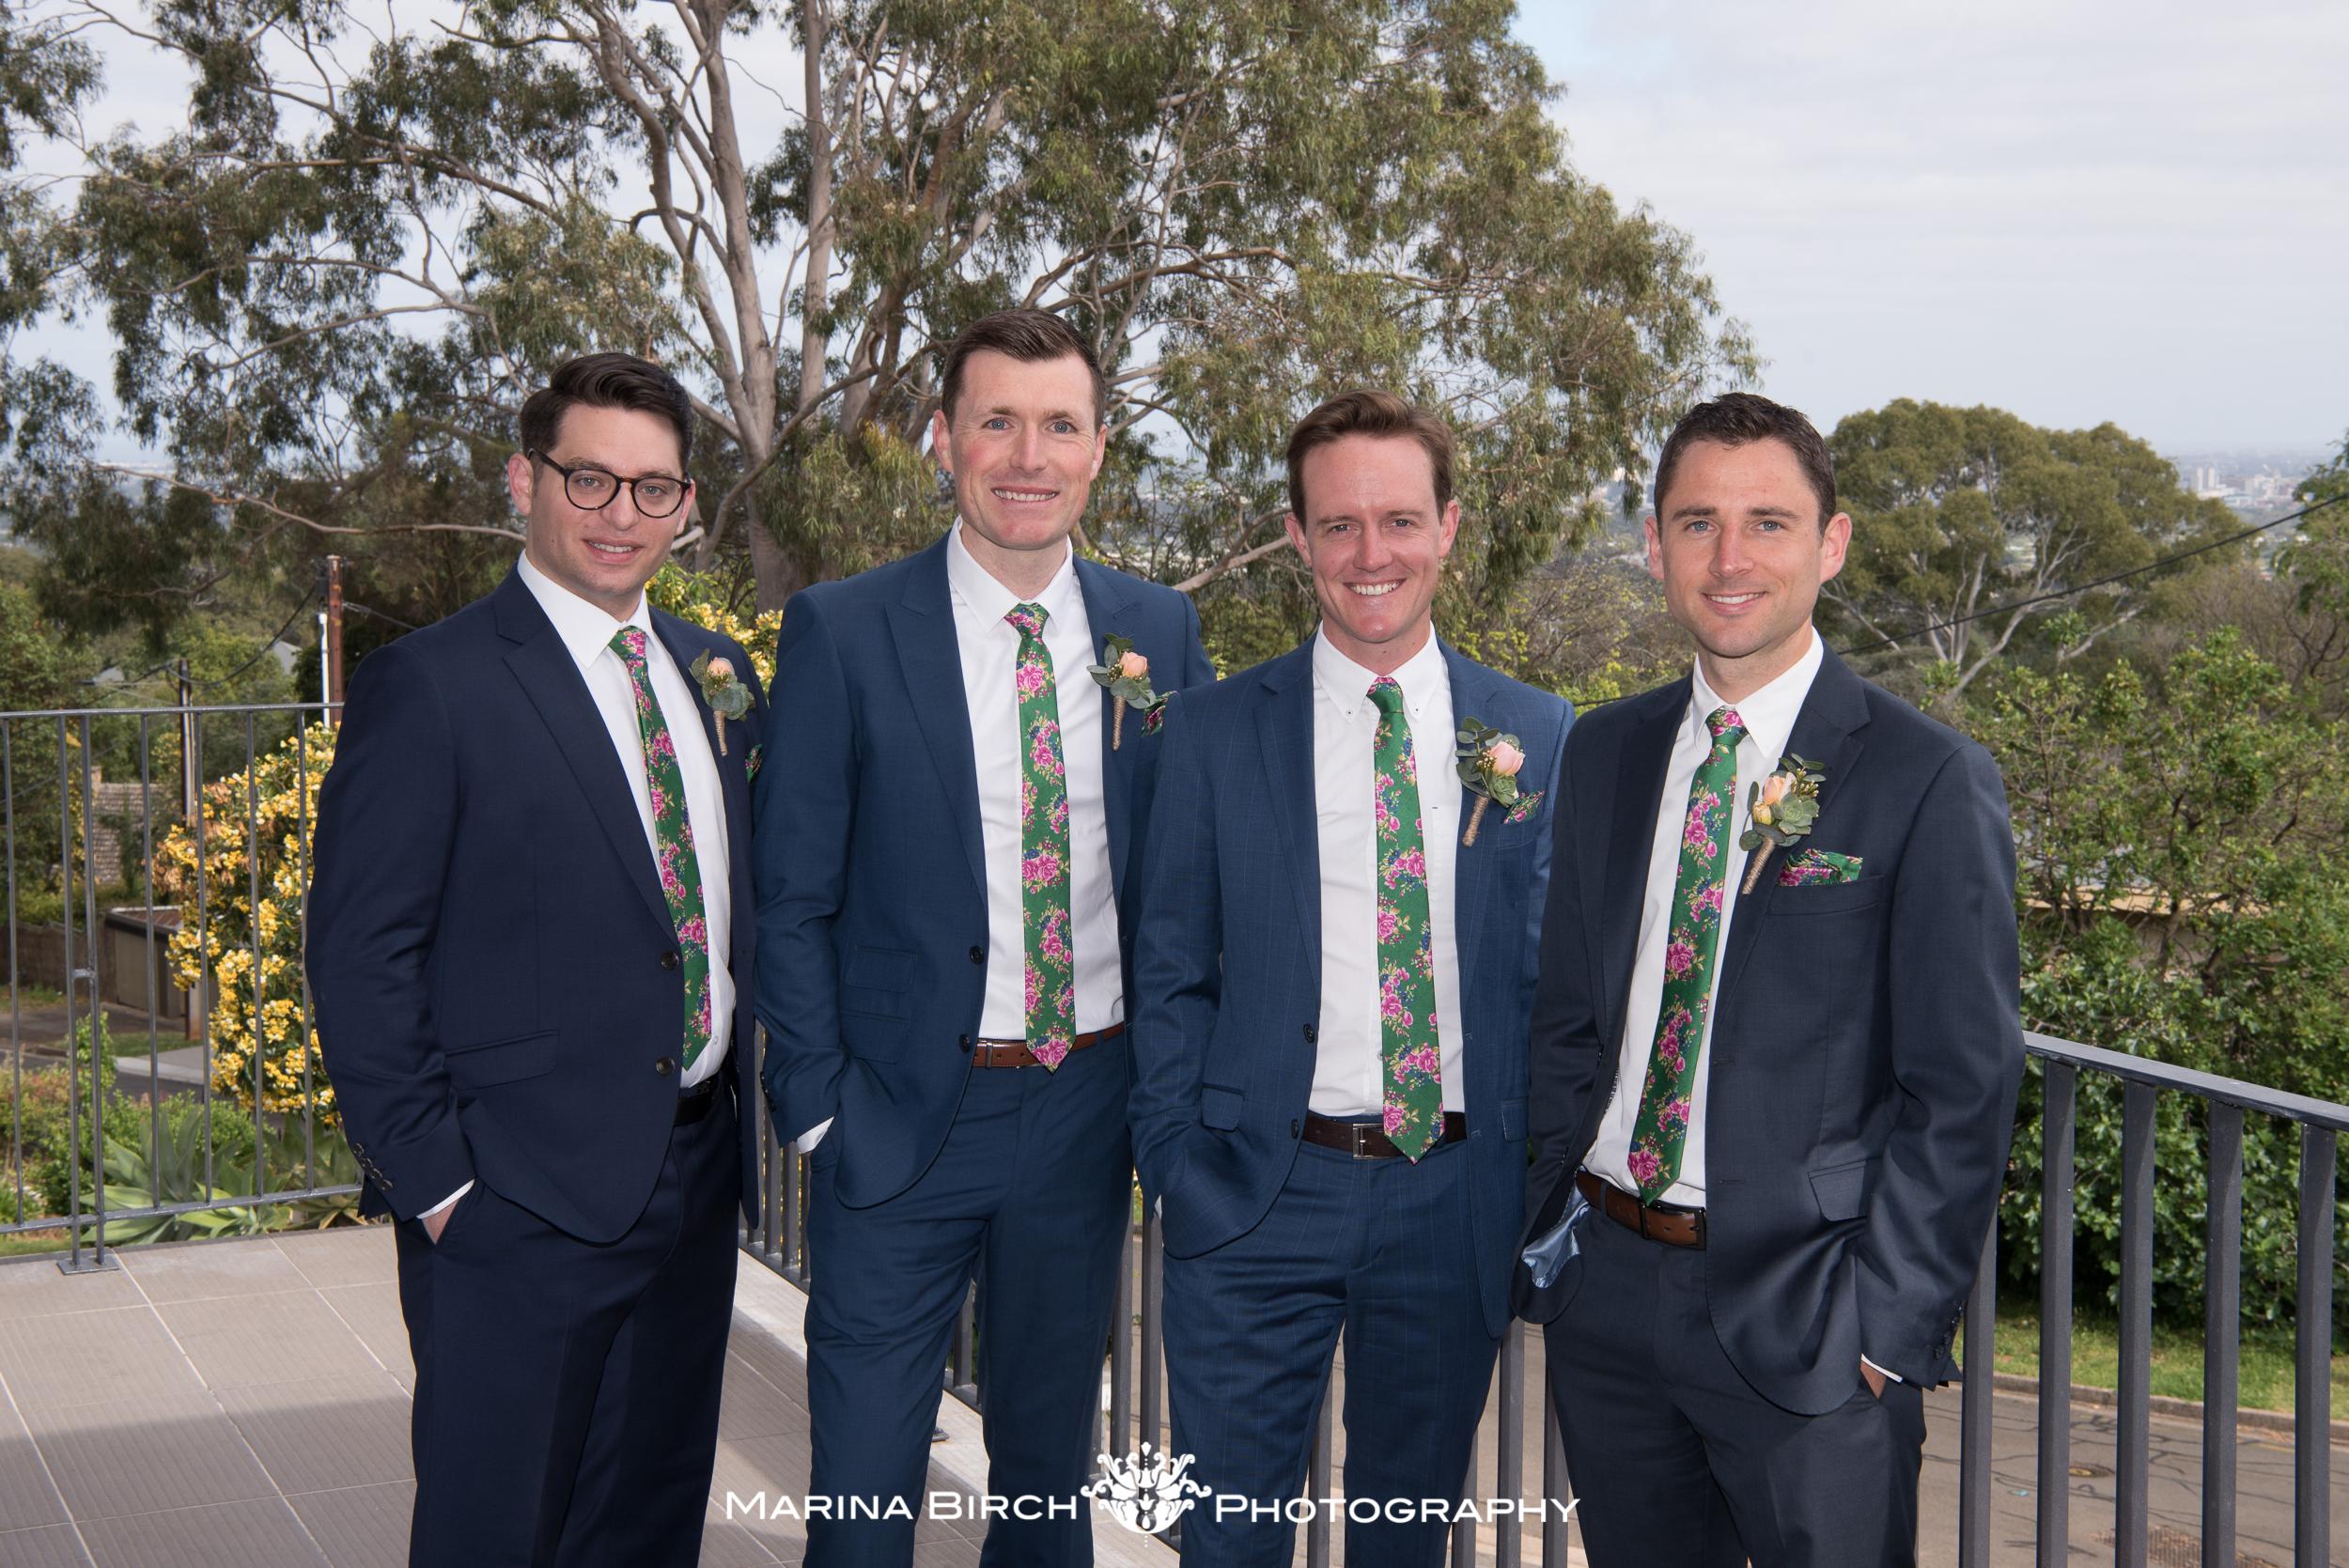 MBP.wedding -3.jpg